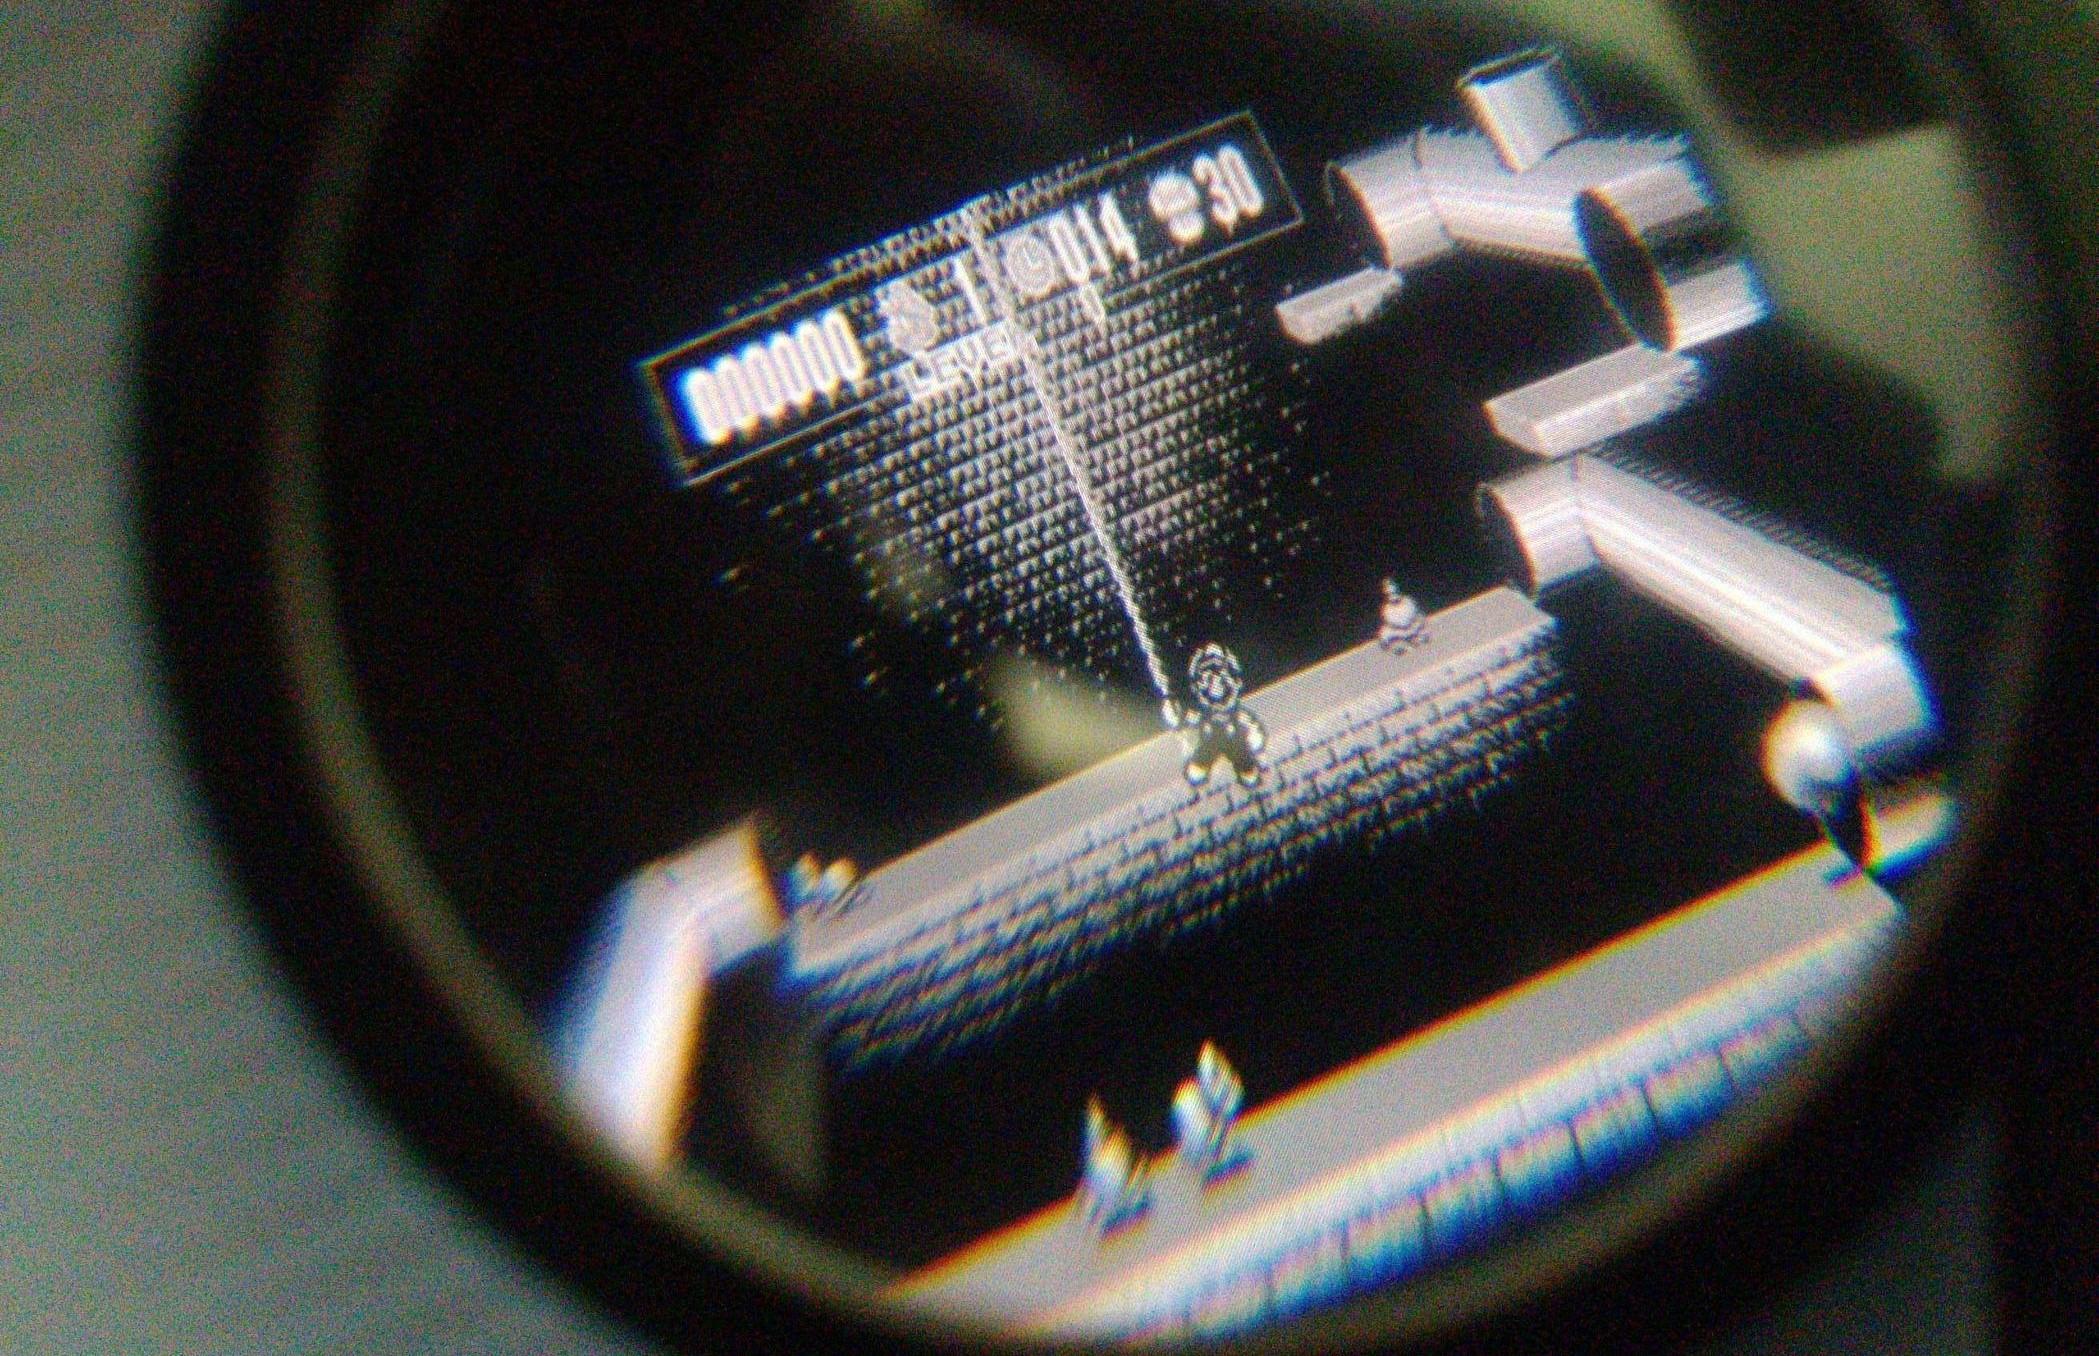 Ein Virtual Boy-Spiel auf der Cardboard-Brille erleben. (Foto: The-King-of-Spain)